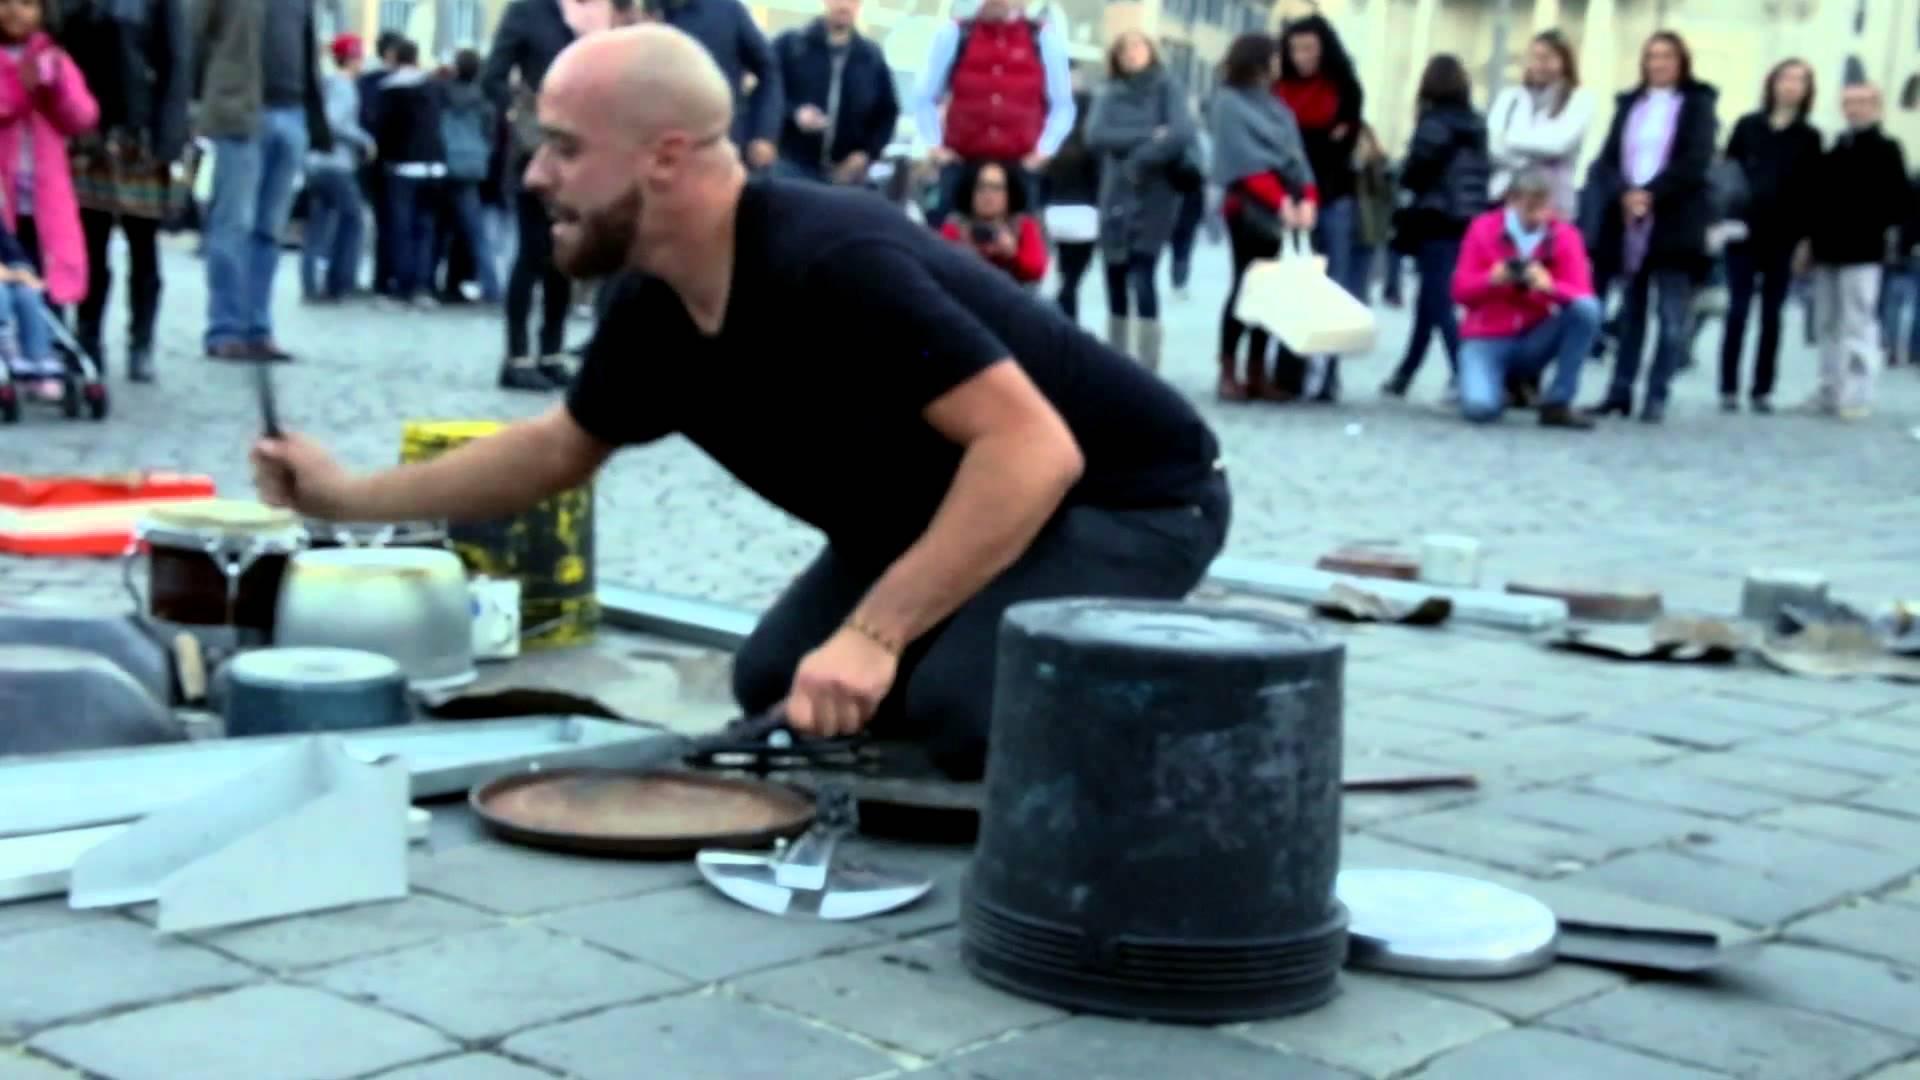 バケツなど日用品でテクノのドラムを演奏するストリートパフォーマー